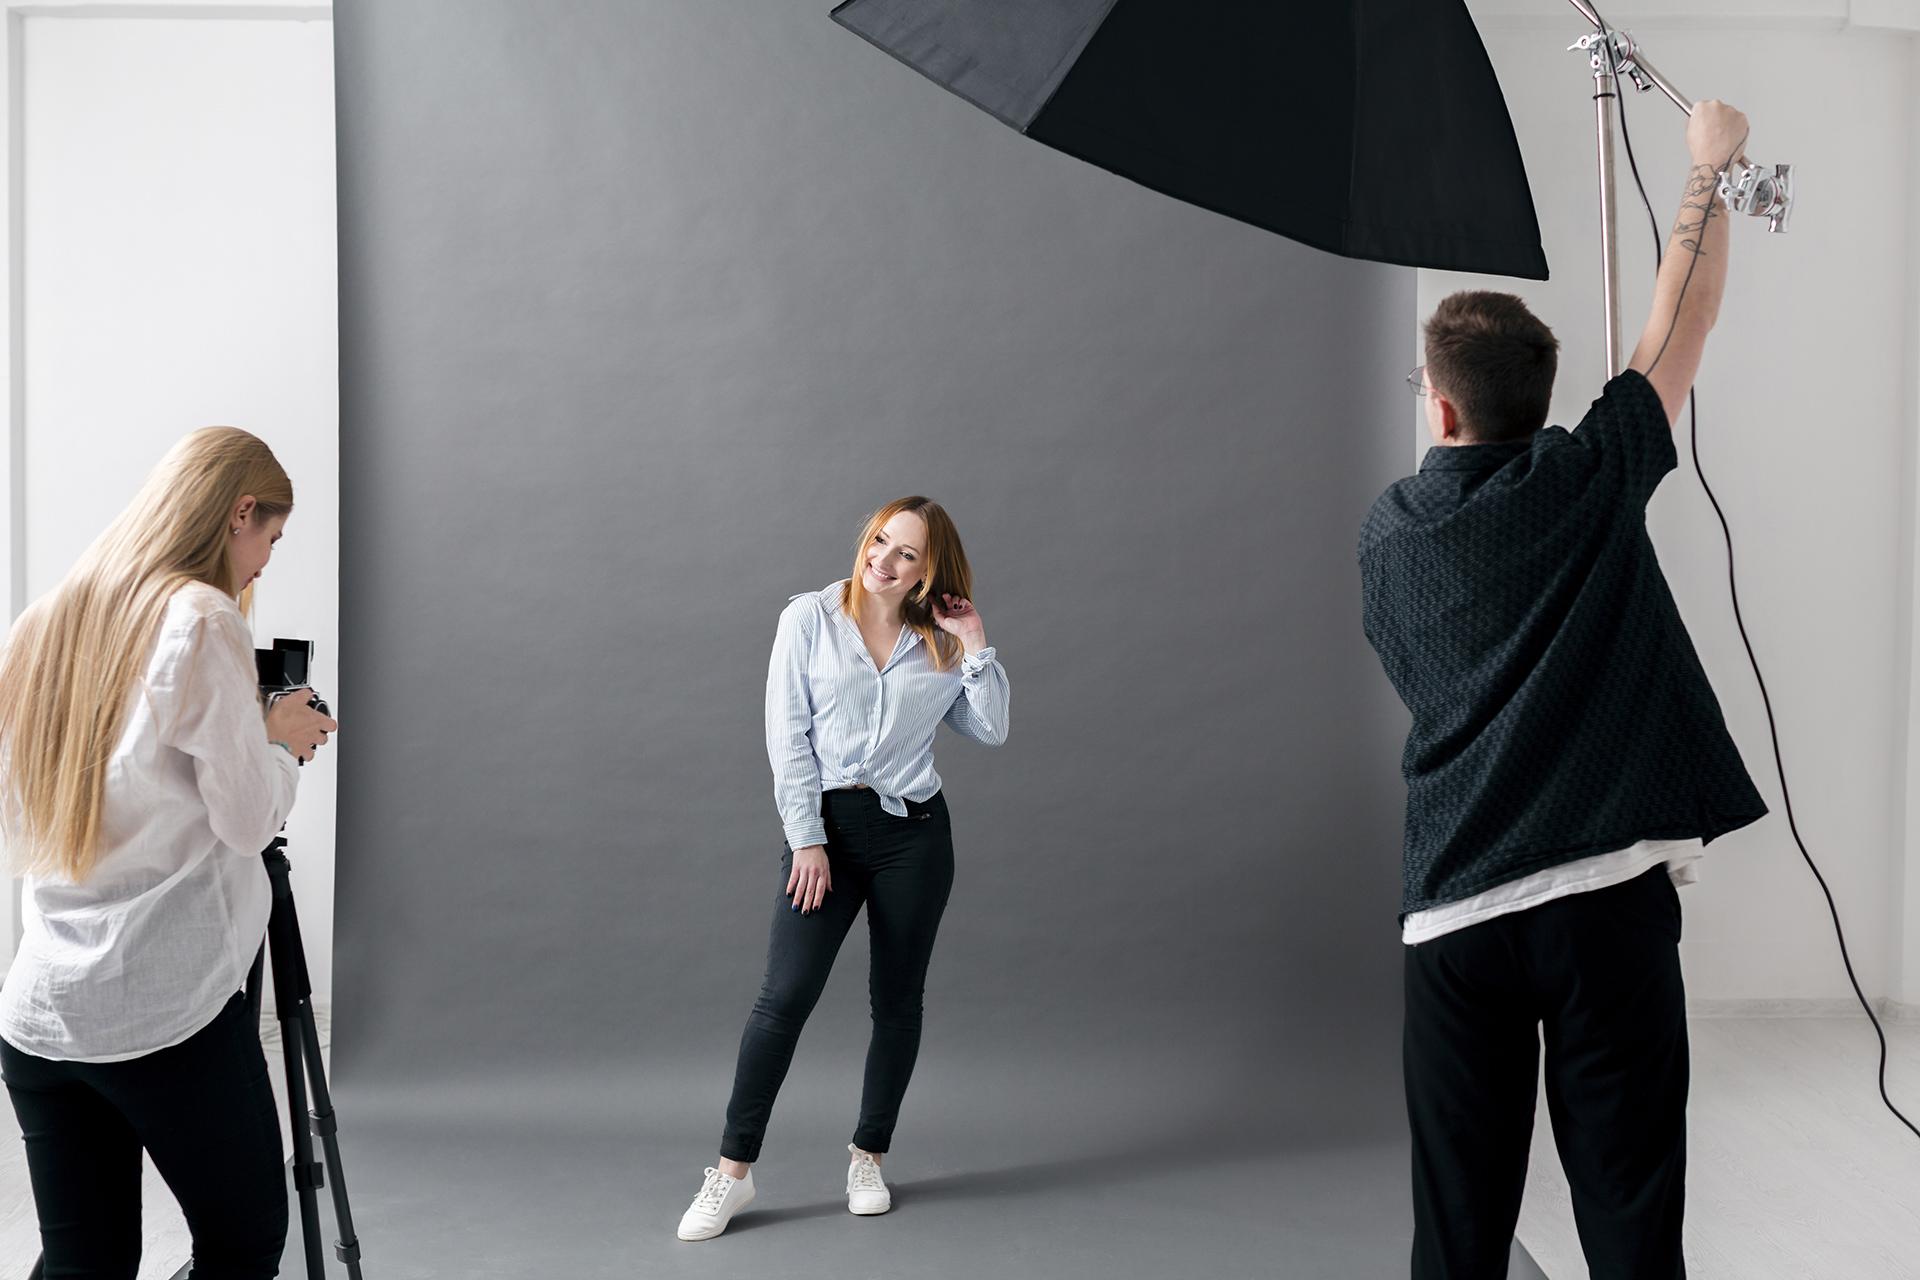 Comment poser lors d'une séance photo ?